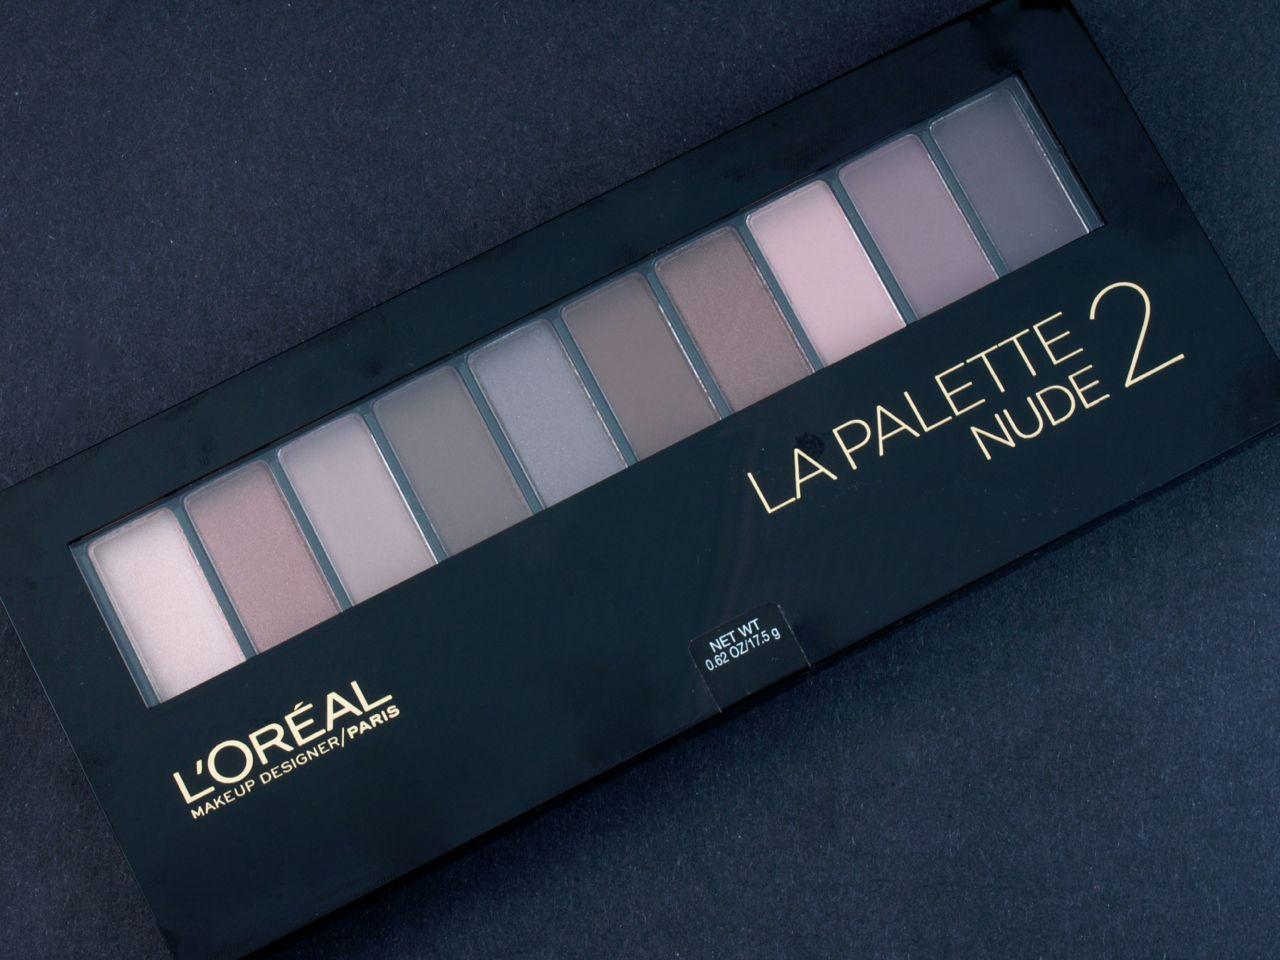 LOreal Paris Colour Riche La Palette Eyeshadow, Nude